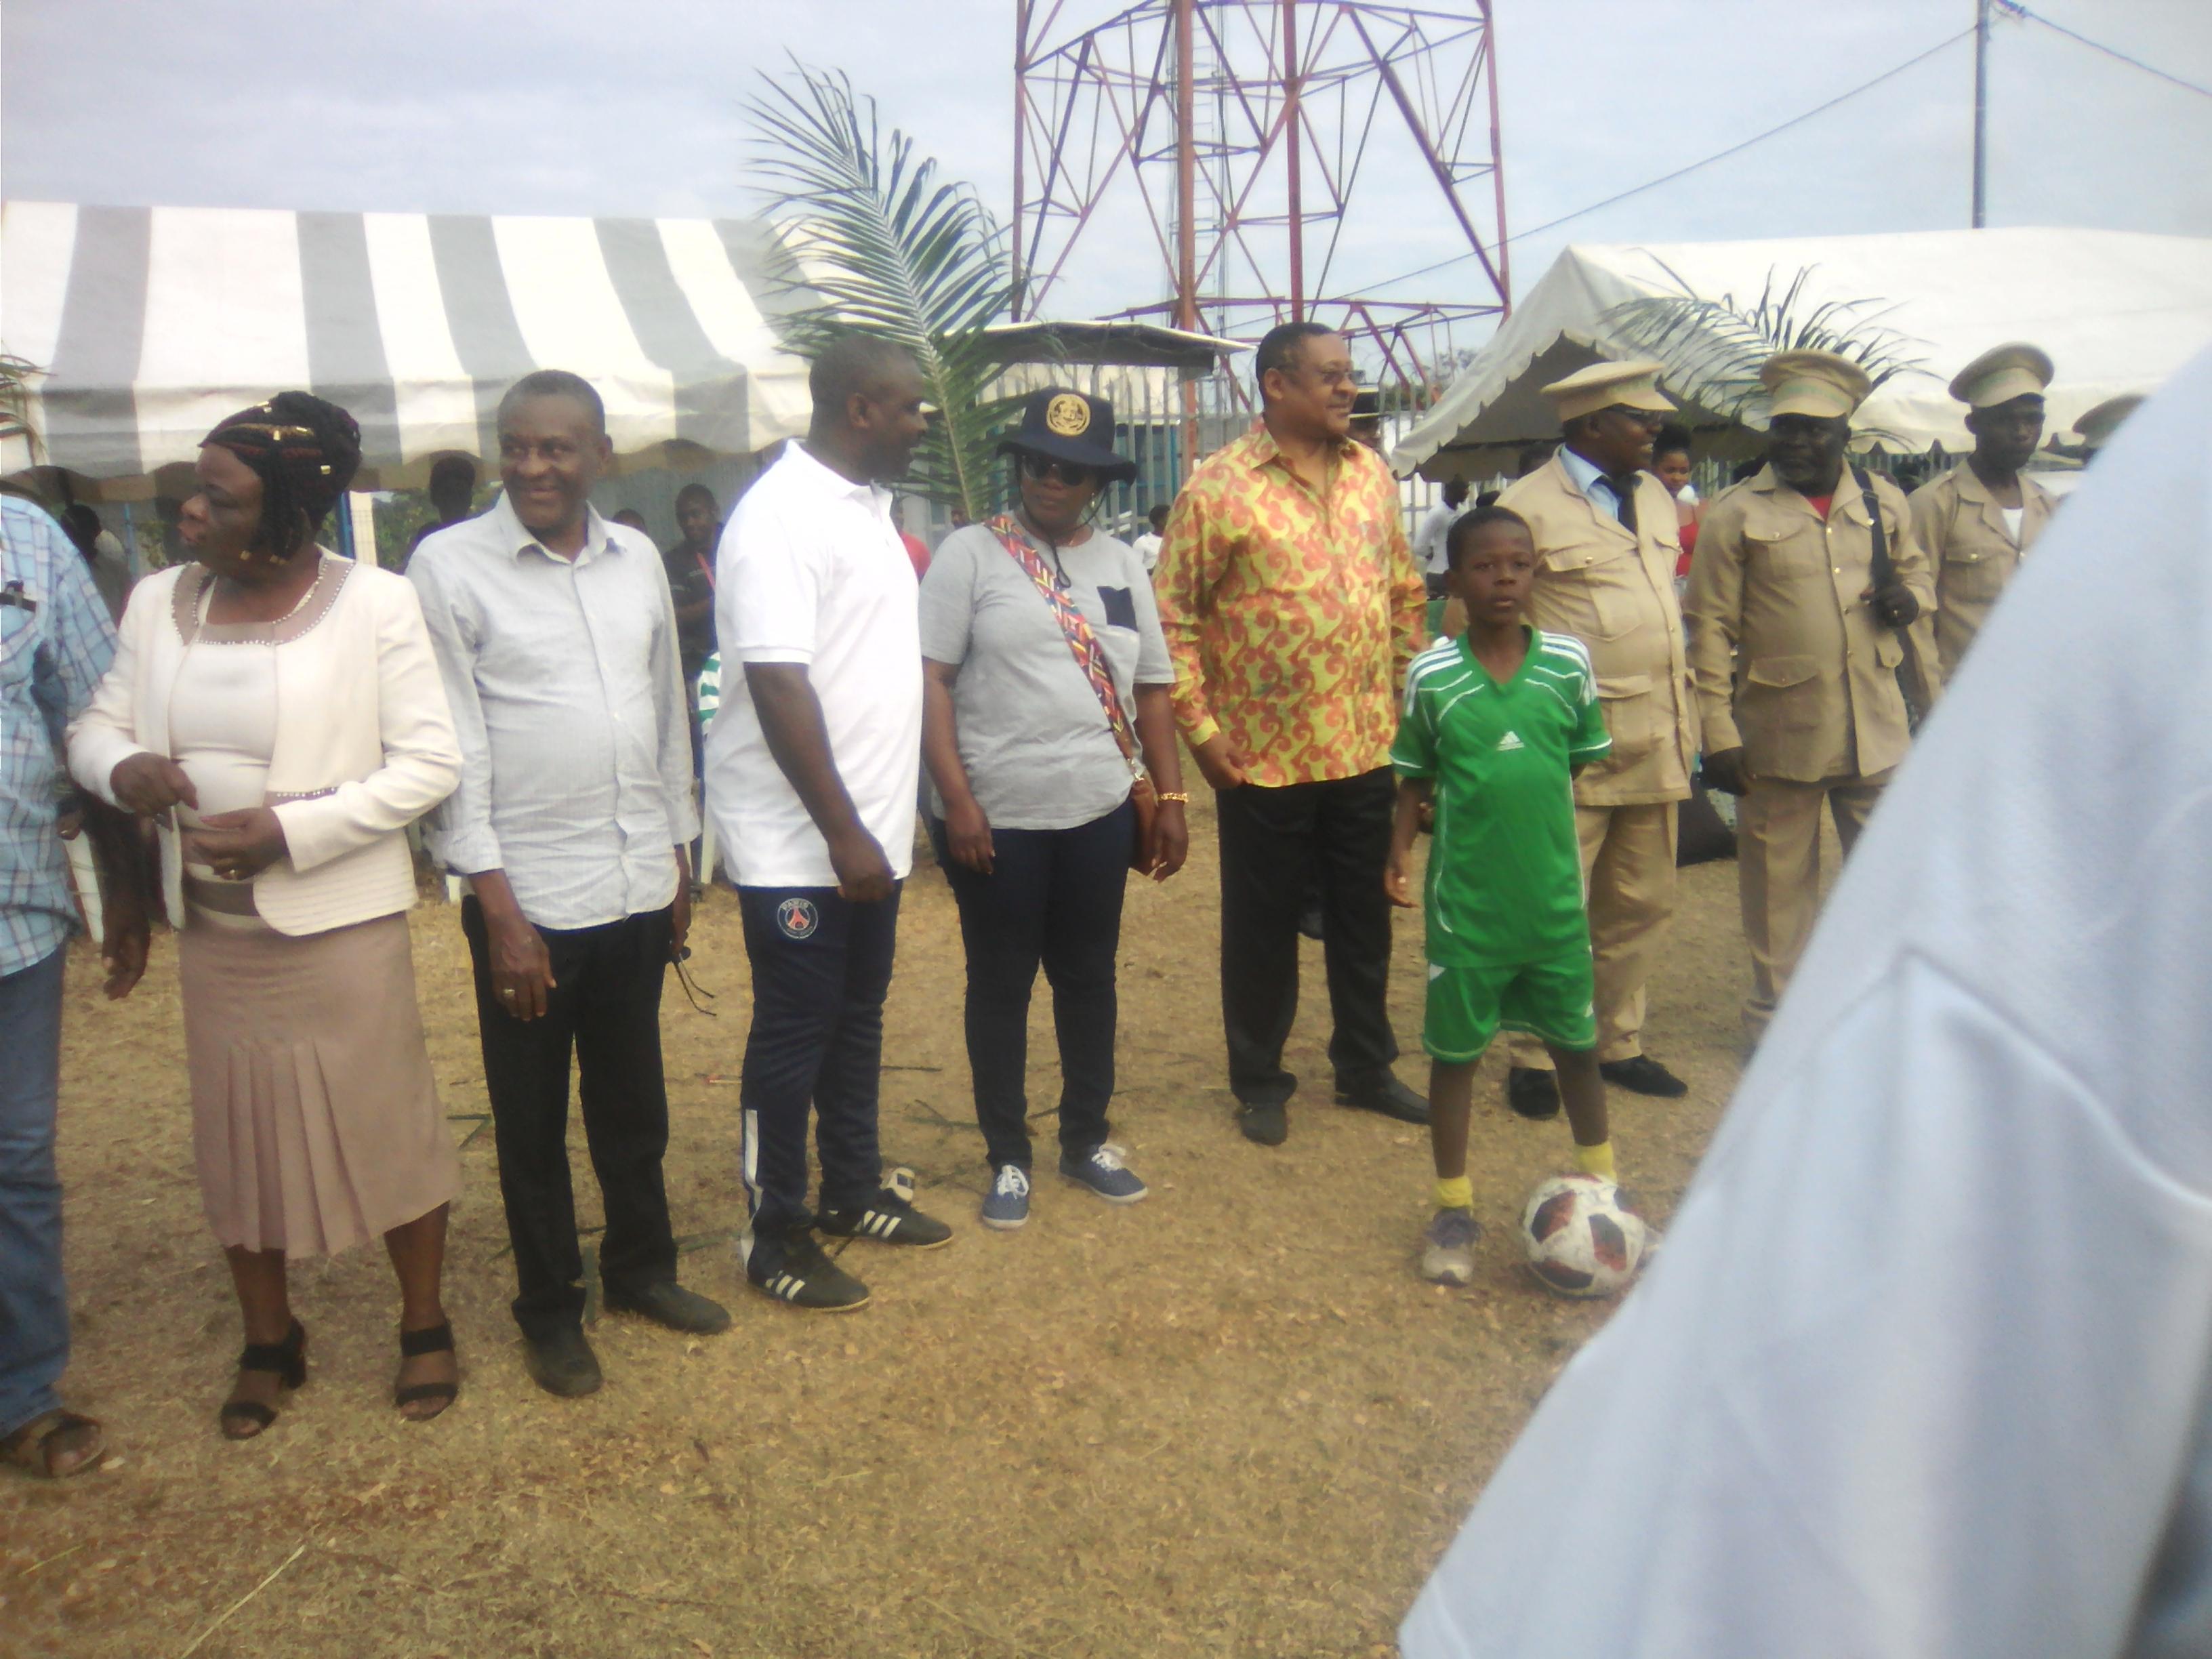 4ème édition de la coupe de l'indépendance d'Akanda: dans l'unité parfaite!